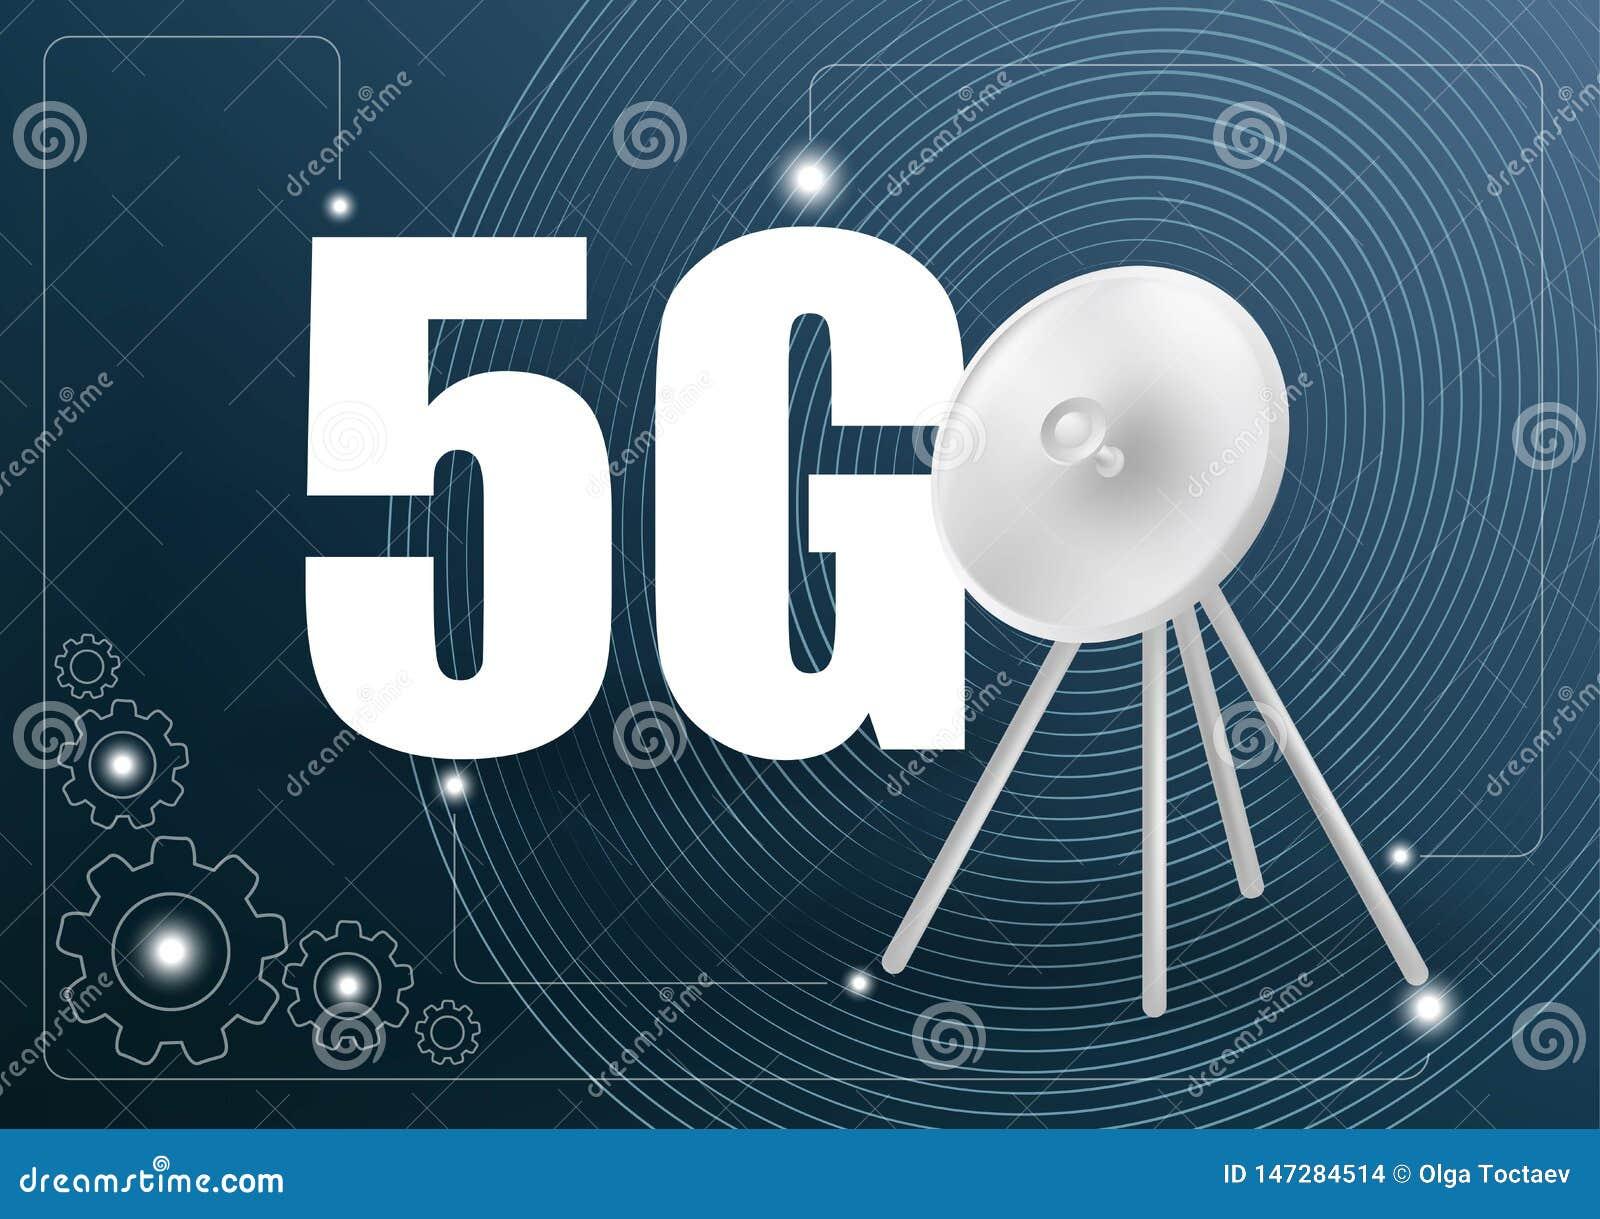 Kreatywnie wektorowa ilustracja 5G sygna?u przekazu technologia, nowy bezprzewodowy interneta wifi zwi?zku t?o Sztuka projekt